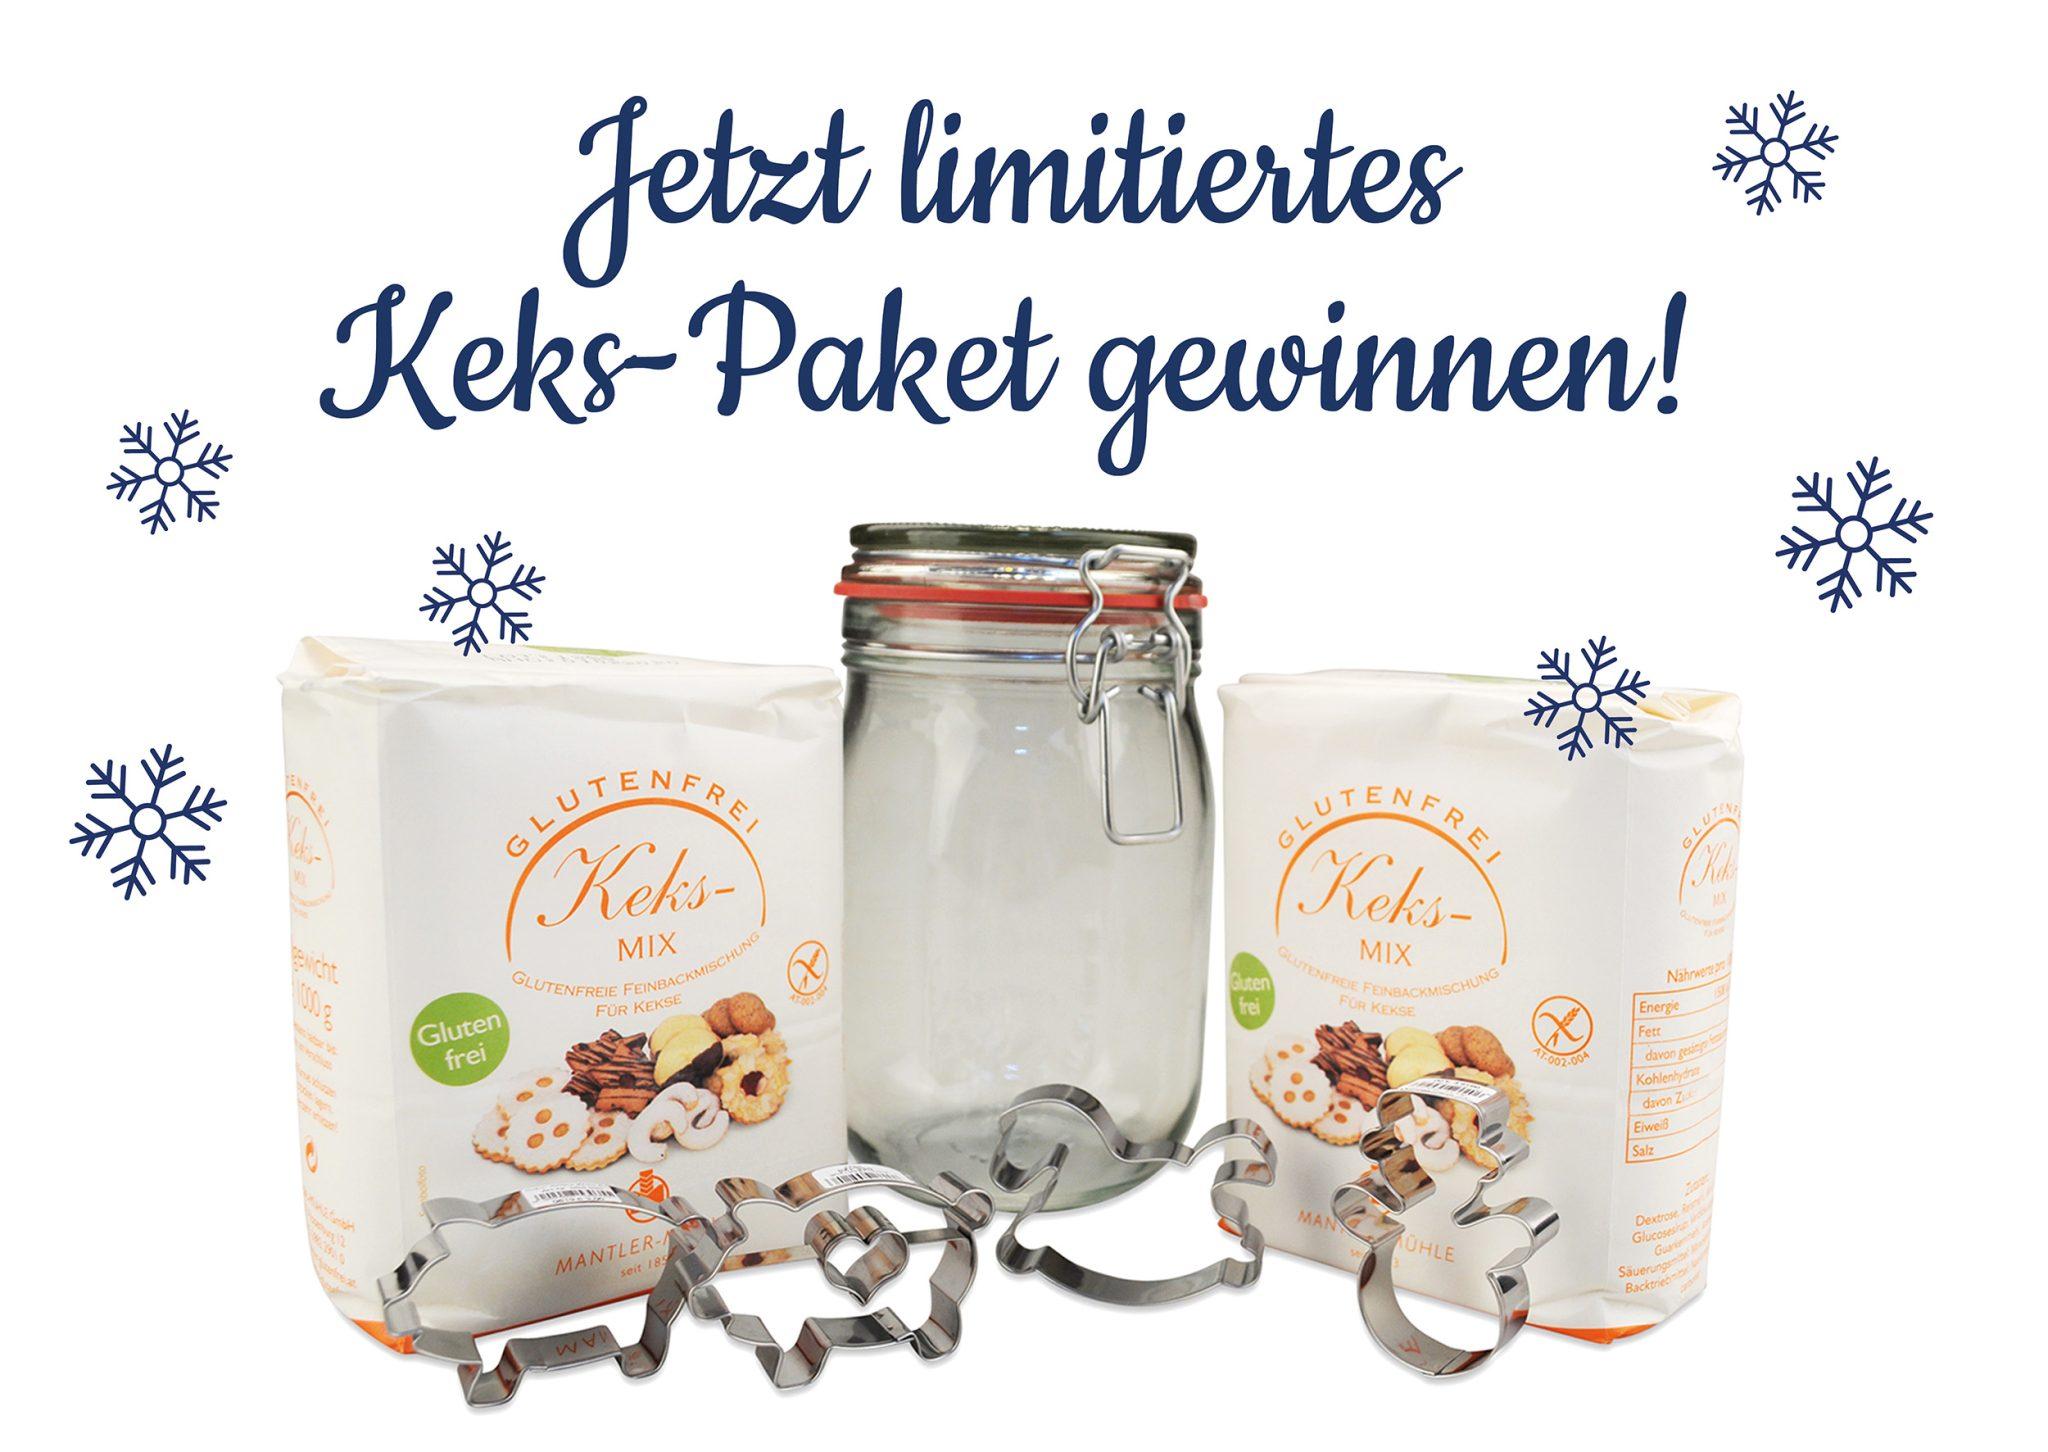 3×1 Limited Edition: Keks-Paket Weihnachten gewinnen!